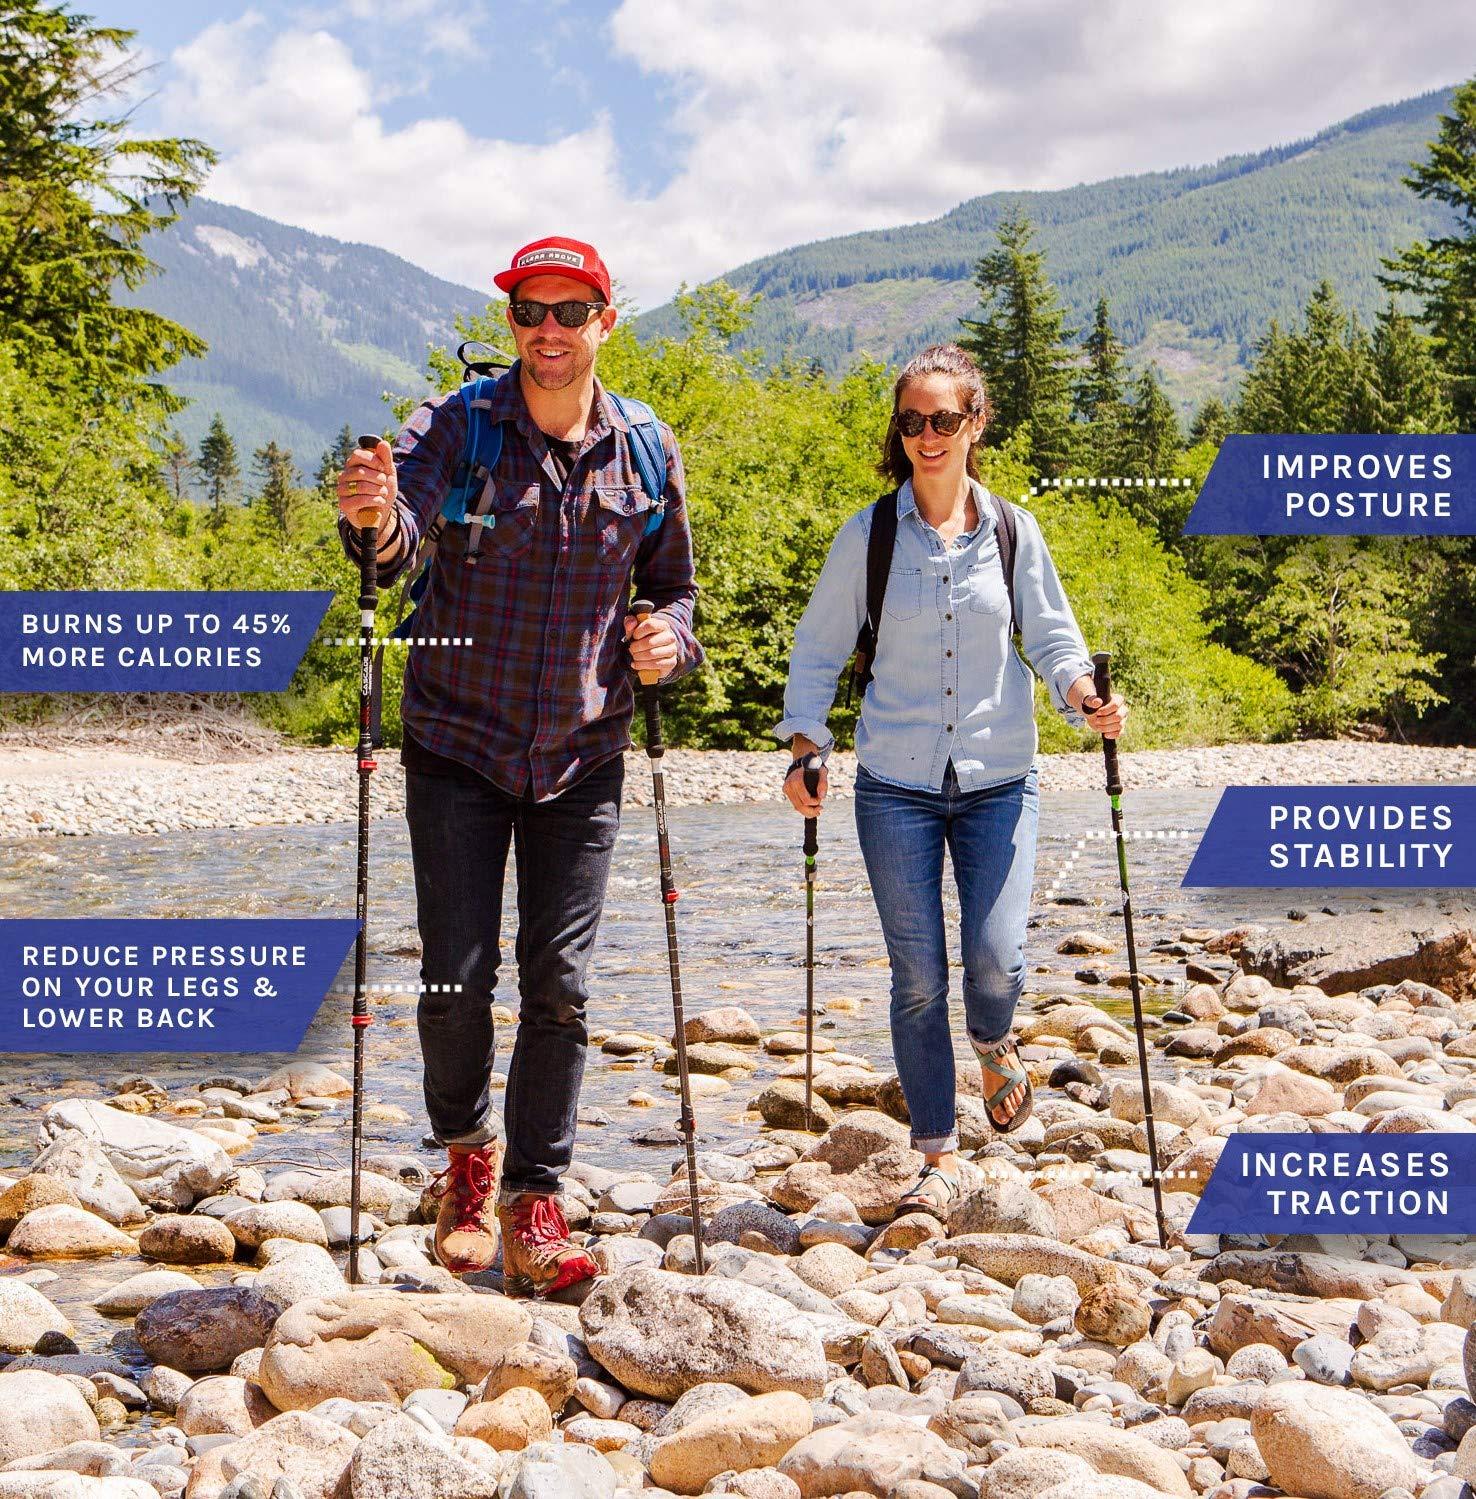 Cascade Mountain Tech Carbon Fiber Adjustable Trekking Poles 2 Pack Lightweight Quick Lock Walking or Hiking Stick 1 Pair